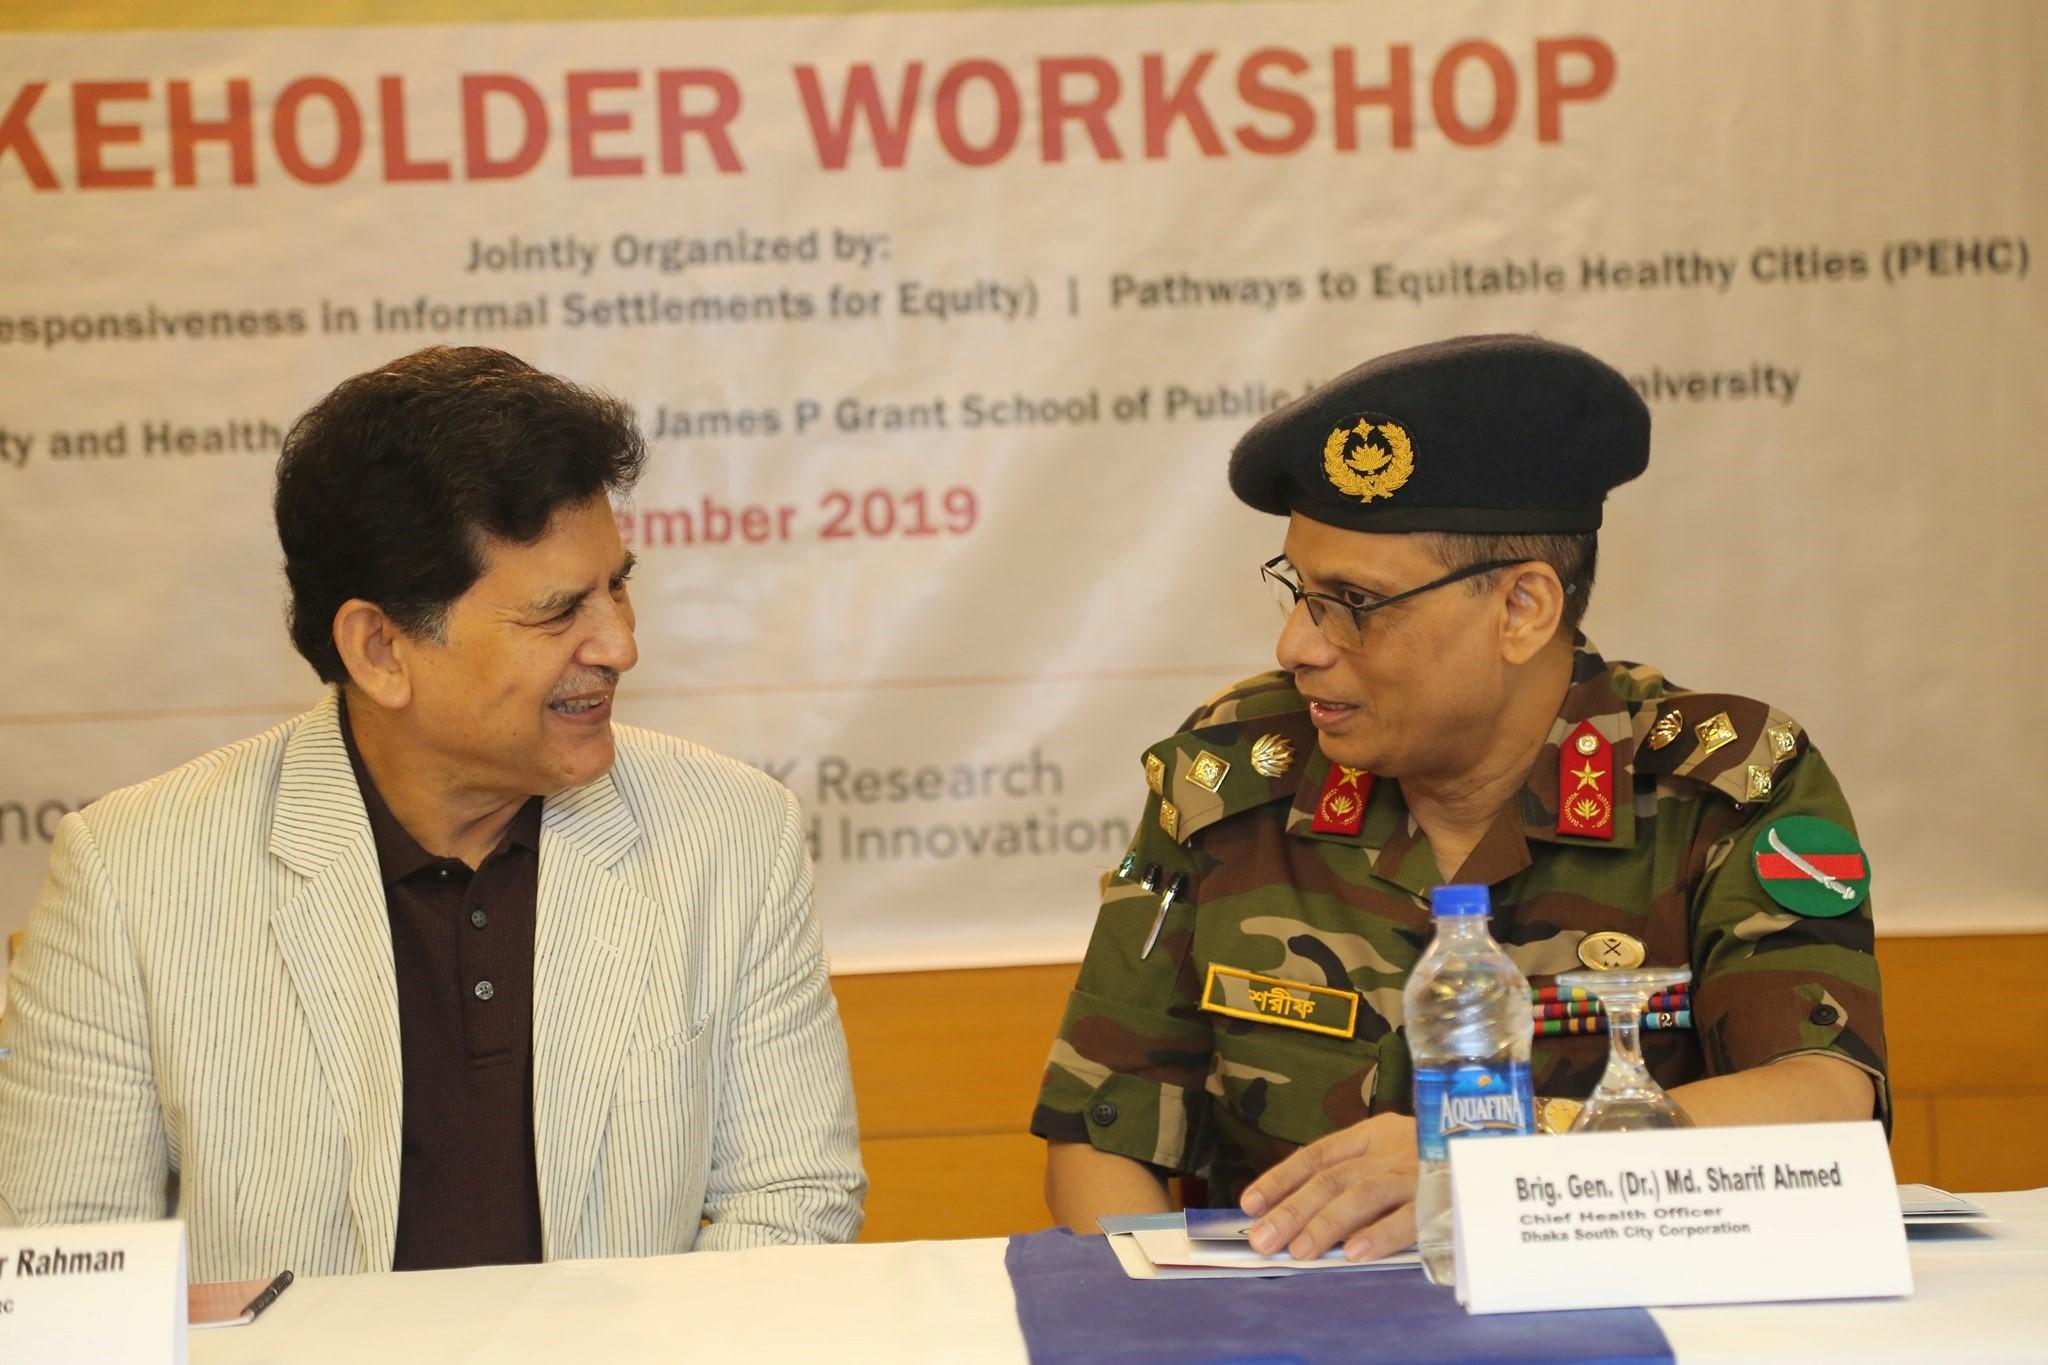 Bangladesh stakeholder workshop